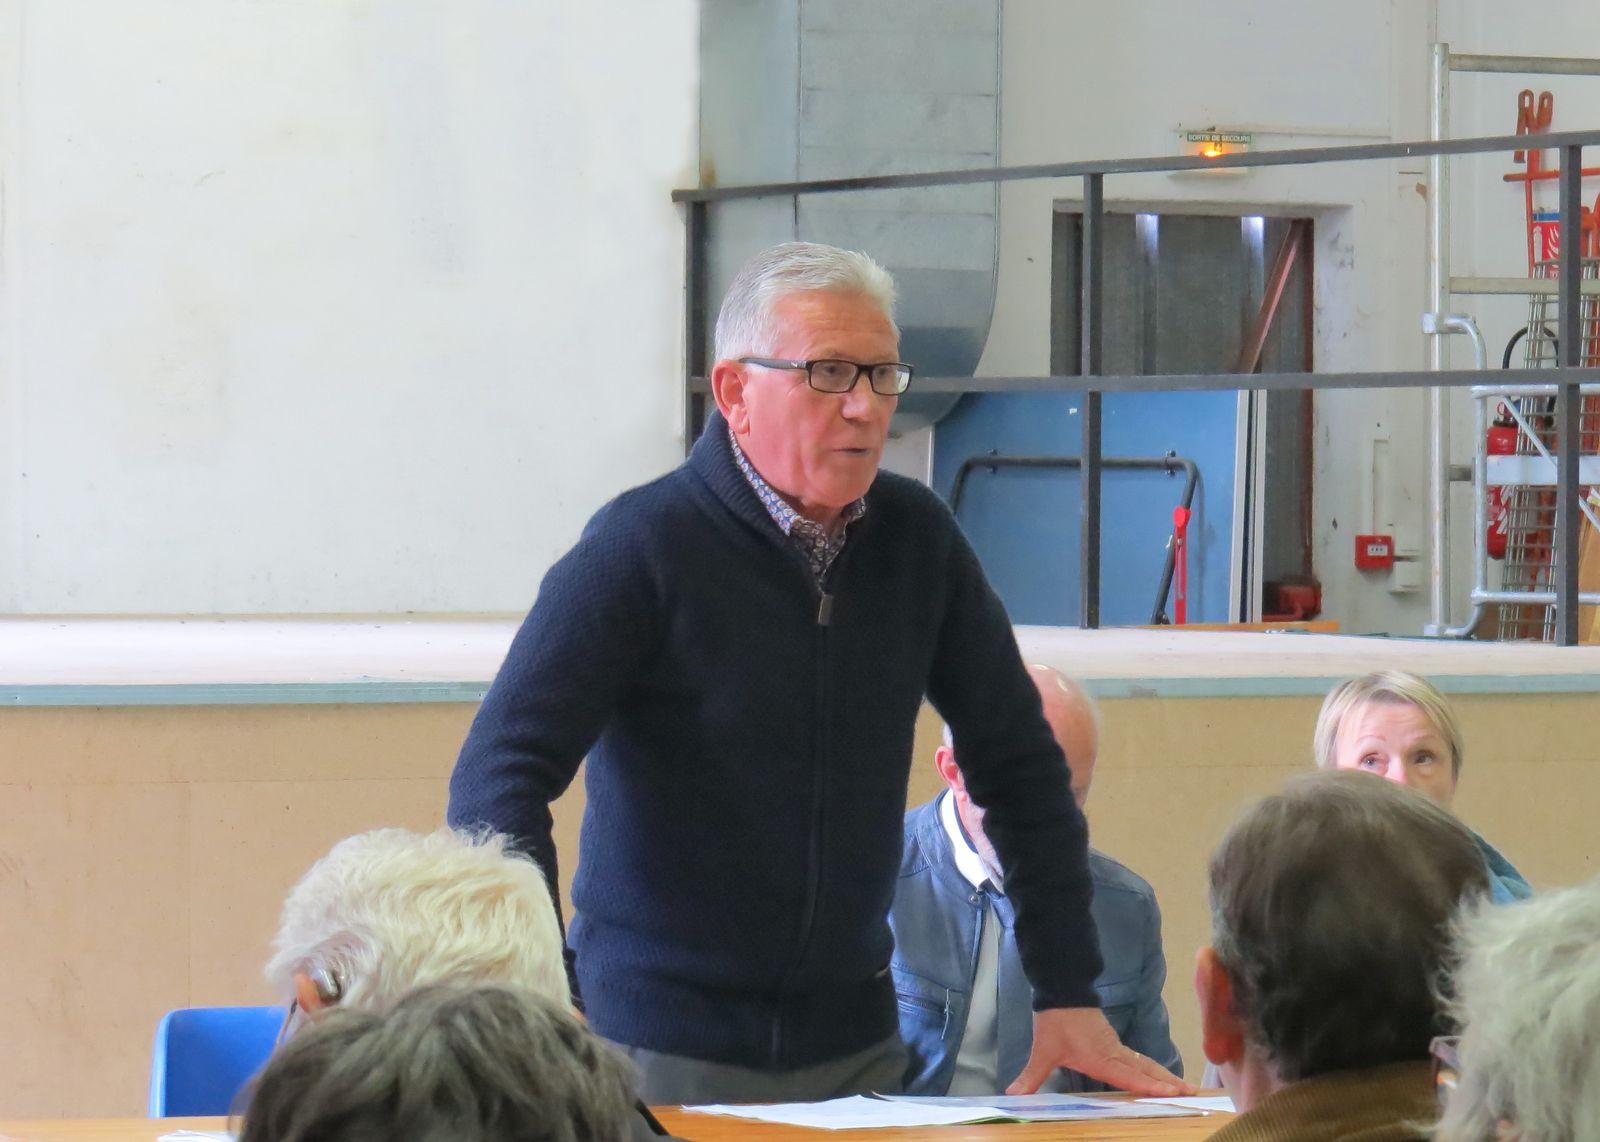 Municipales 2020 : réunion publique de Francis Dejuan perturbée à Fos